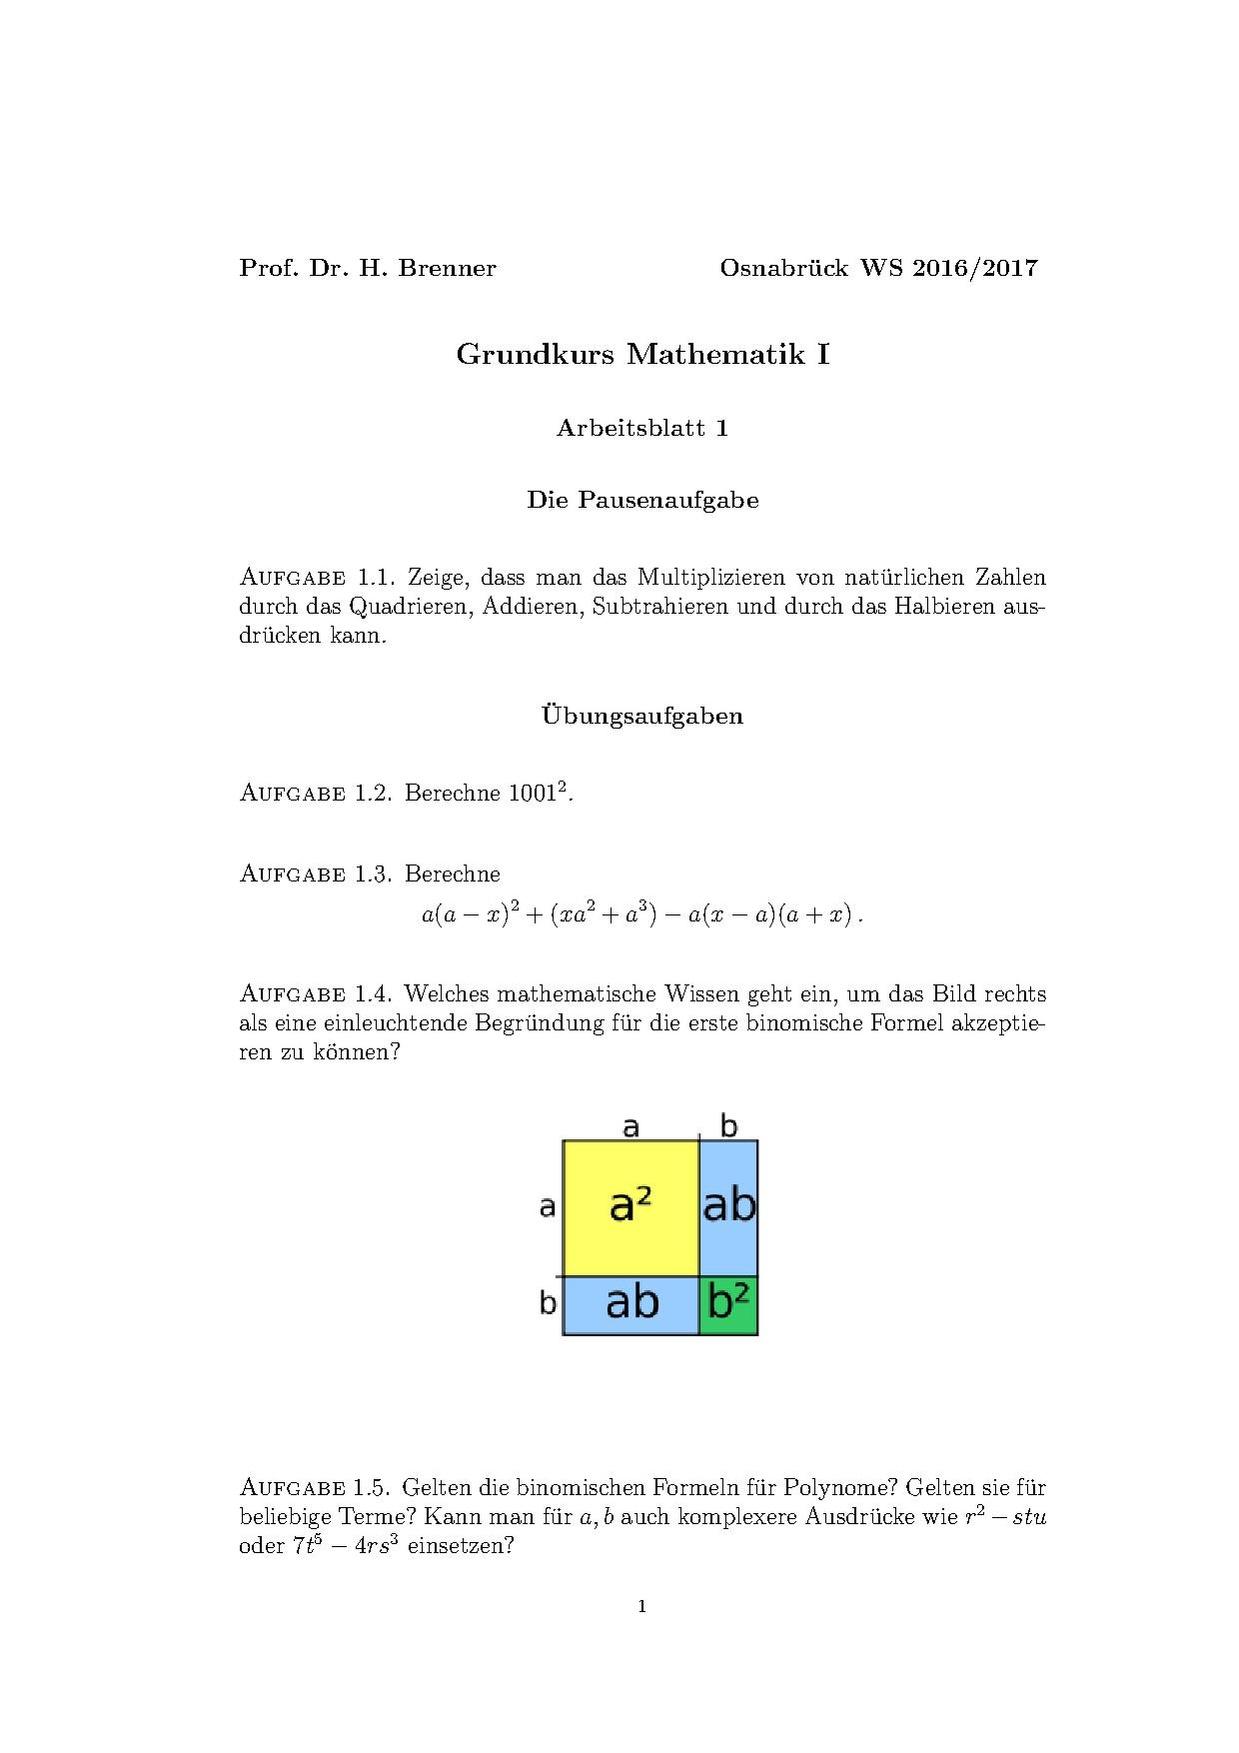 Schön Grundlegende Mathematische Tatsache Arbeitsblatt Galerie ...